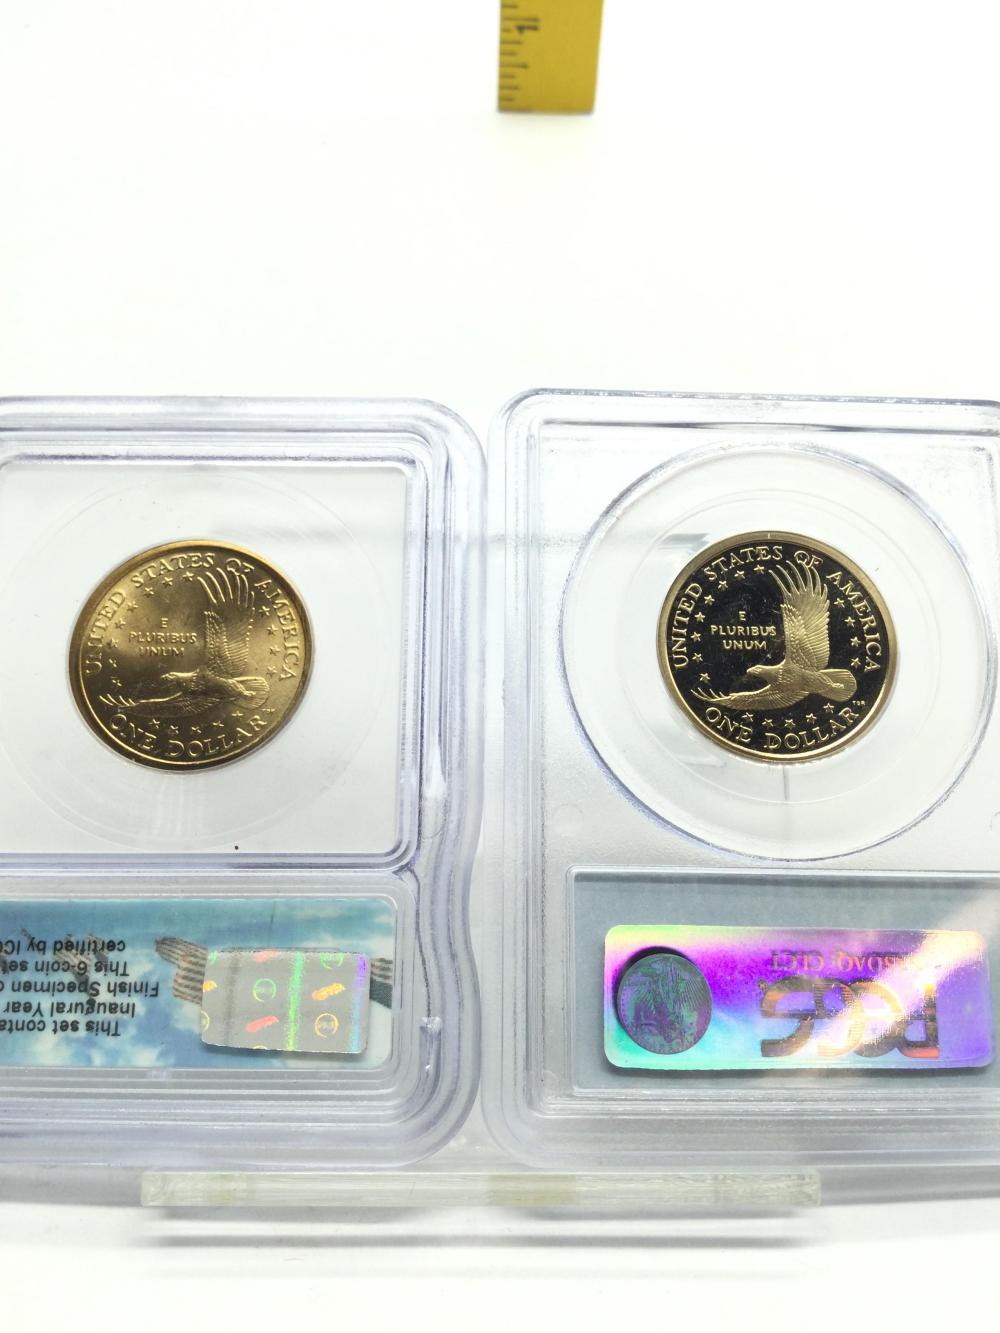 2 Graded Sacajawea Dollars